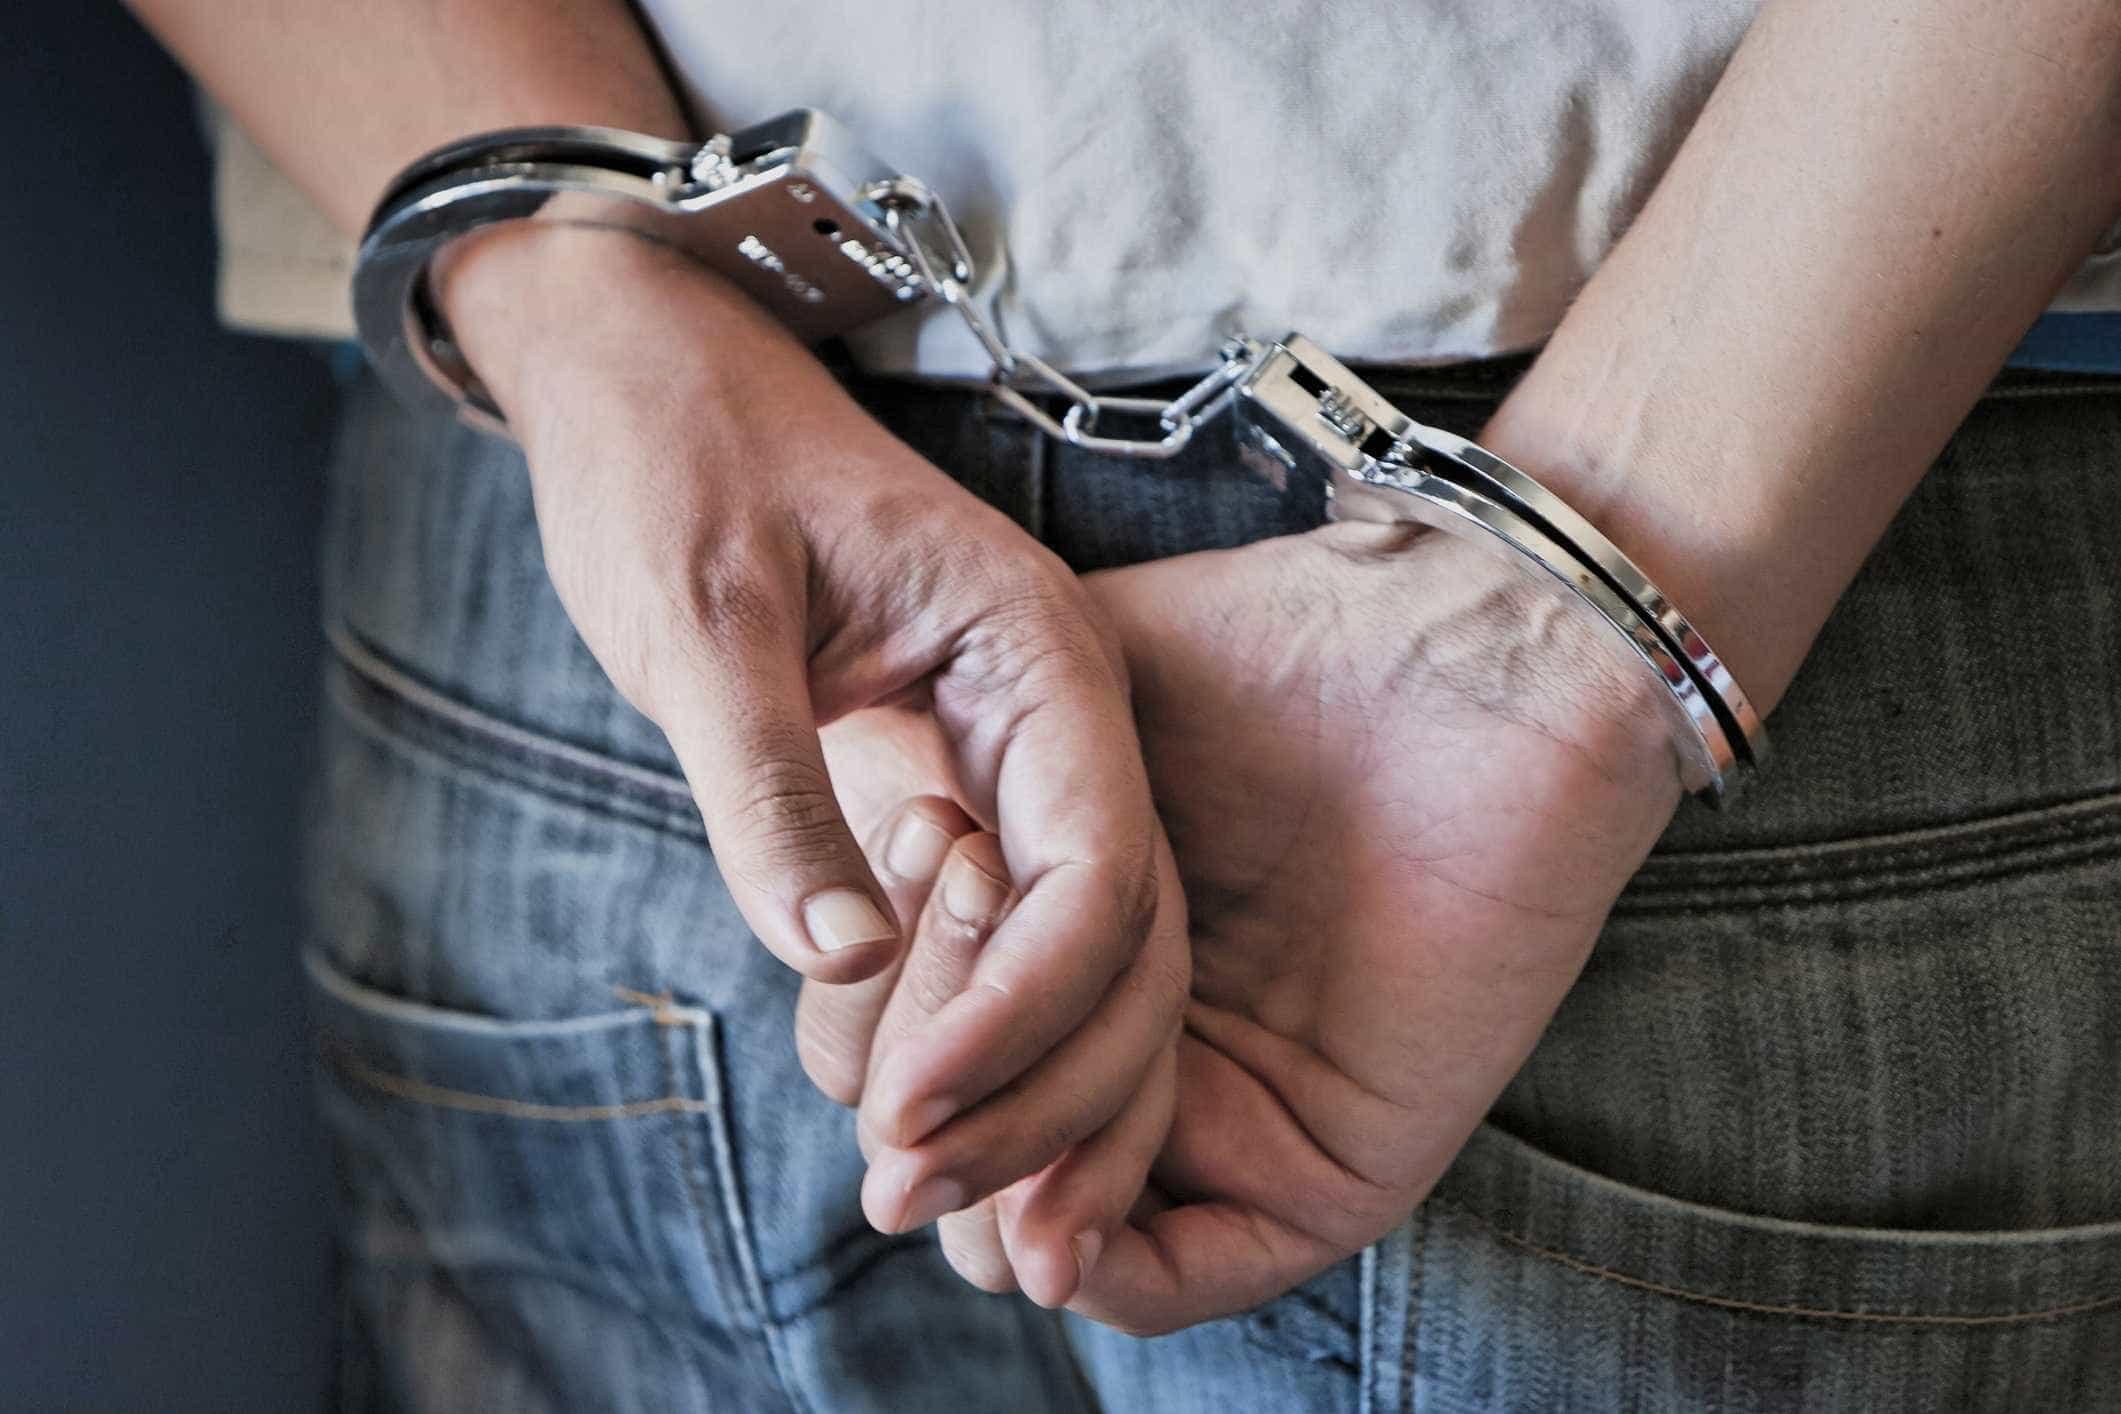 Aluno da USP é um dos presos em megaoperação contra pedofilia